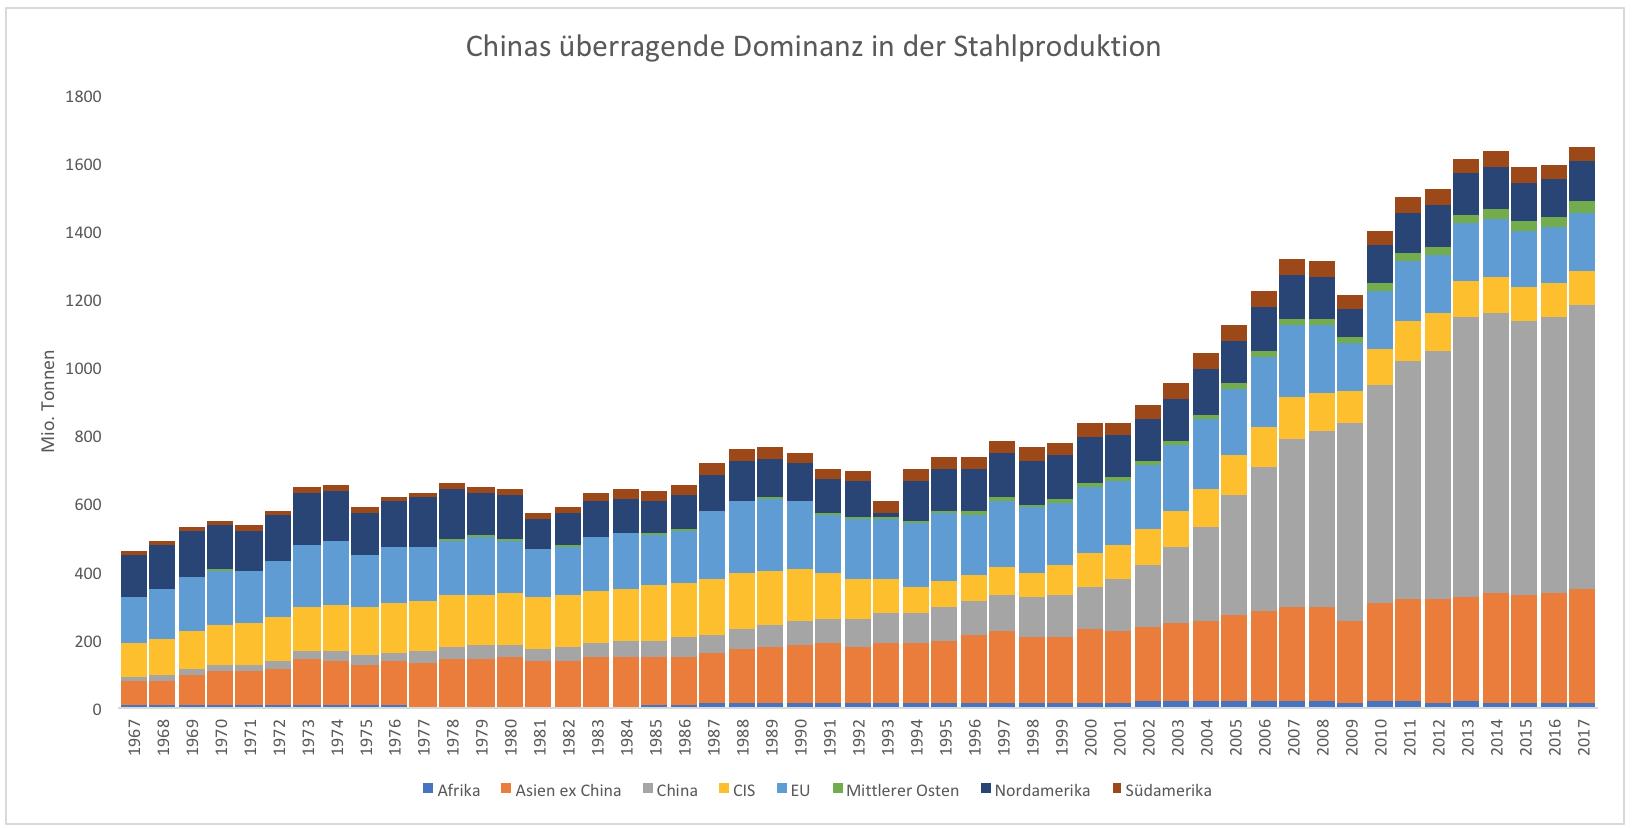 Wie-China-die-Welt-mit-billigem-Stahl-überflutet-Kommentar-Clemens-Schmale-GodmodeTrader.de-1